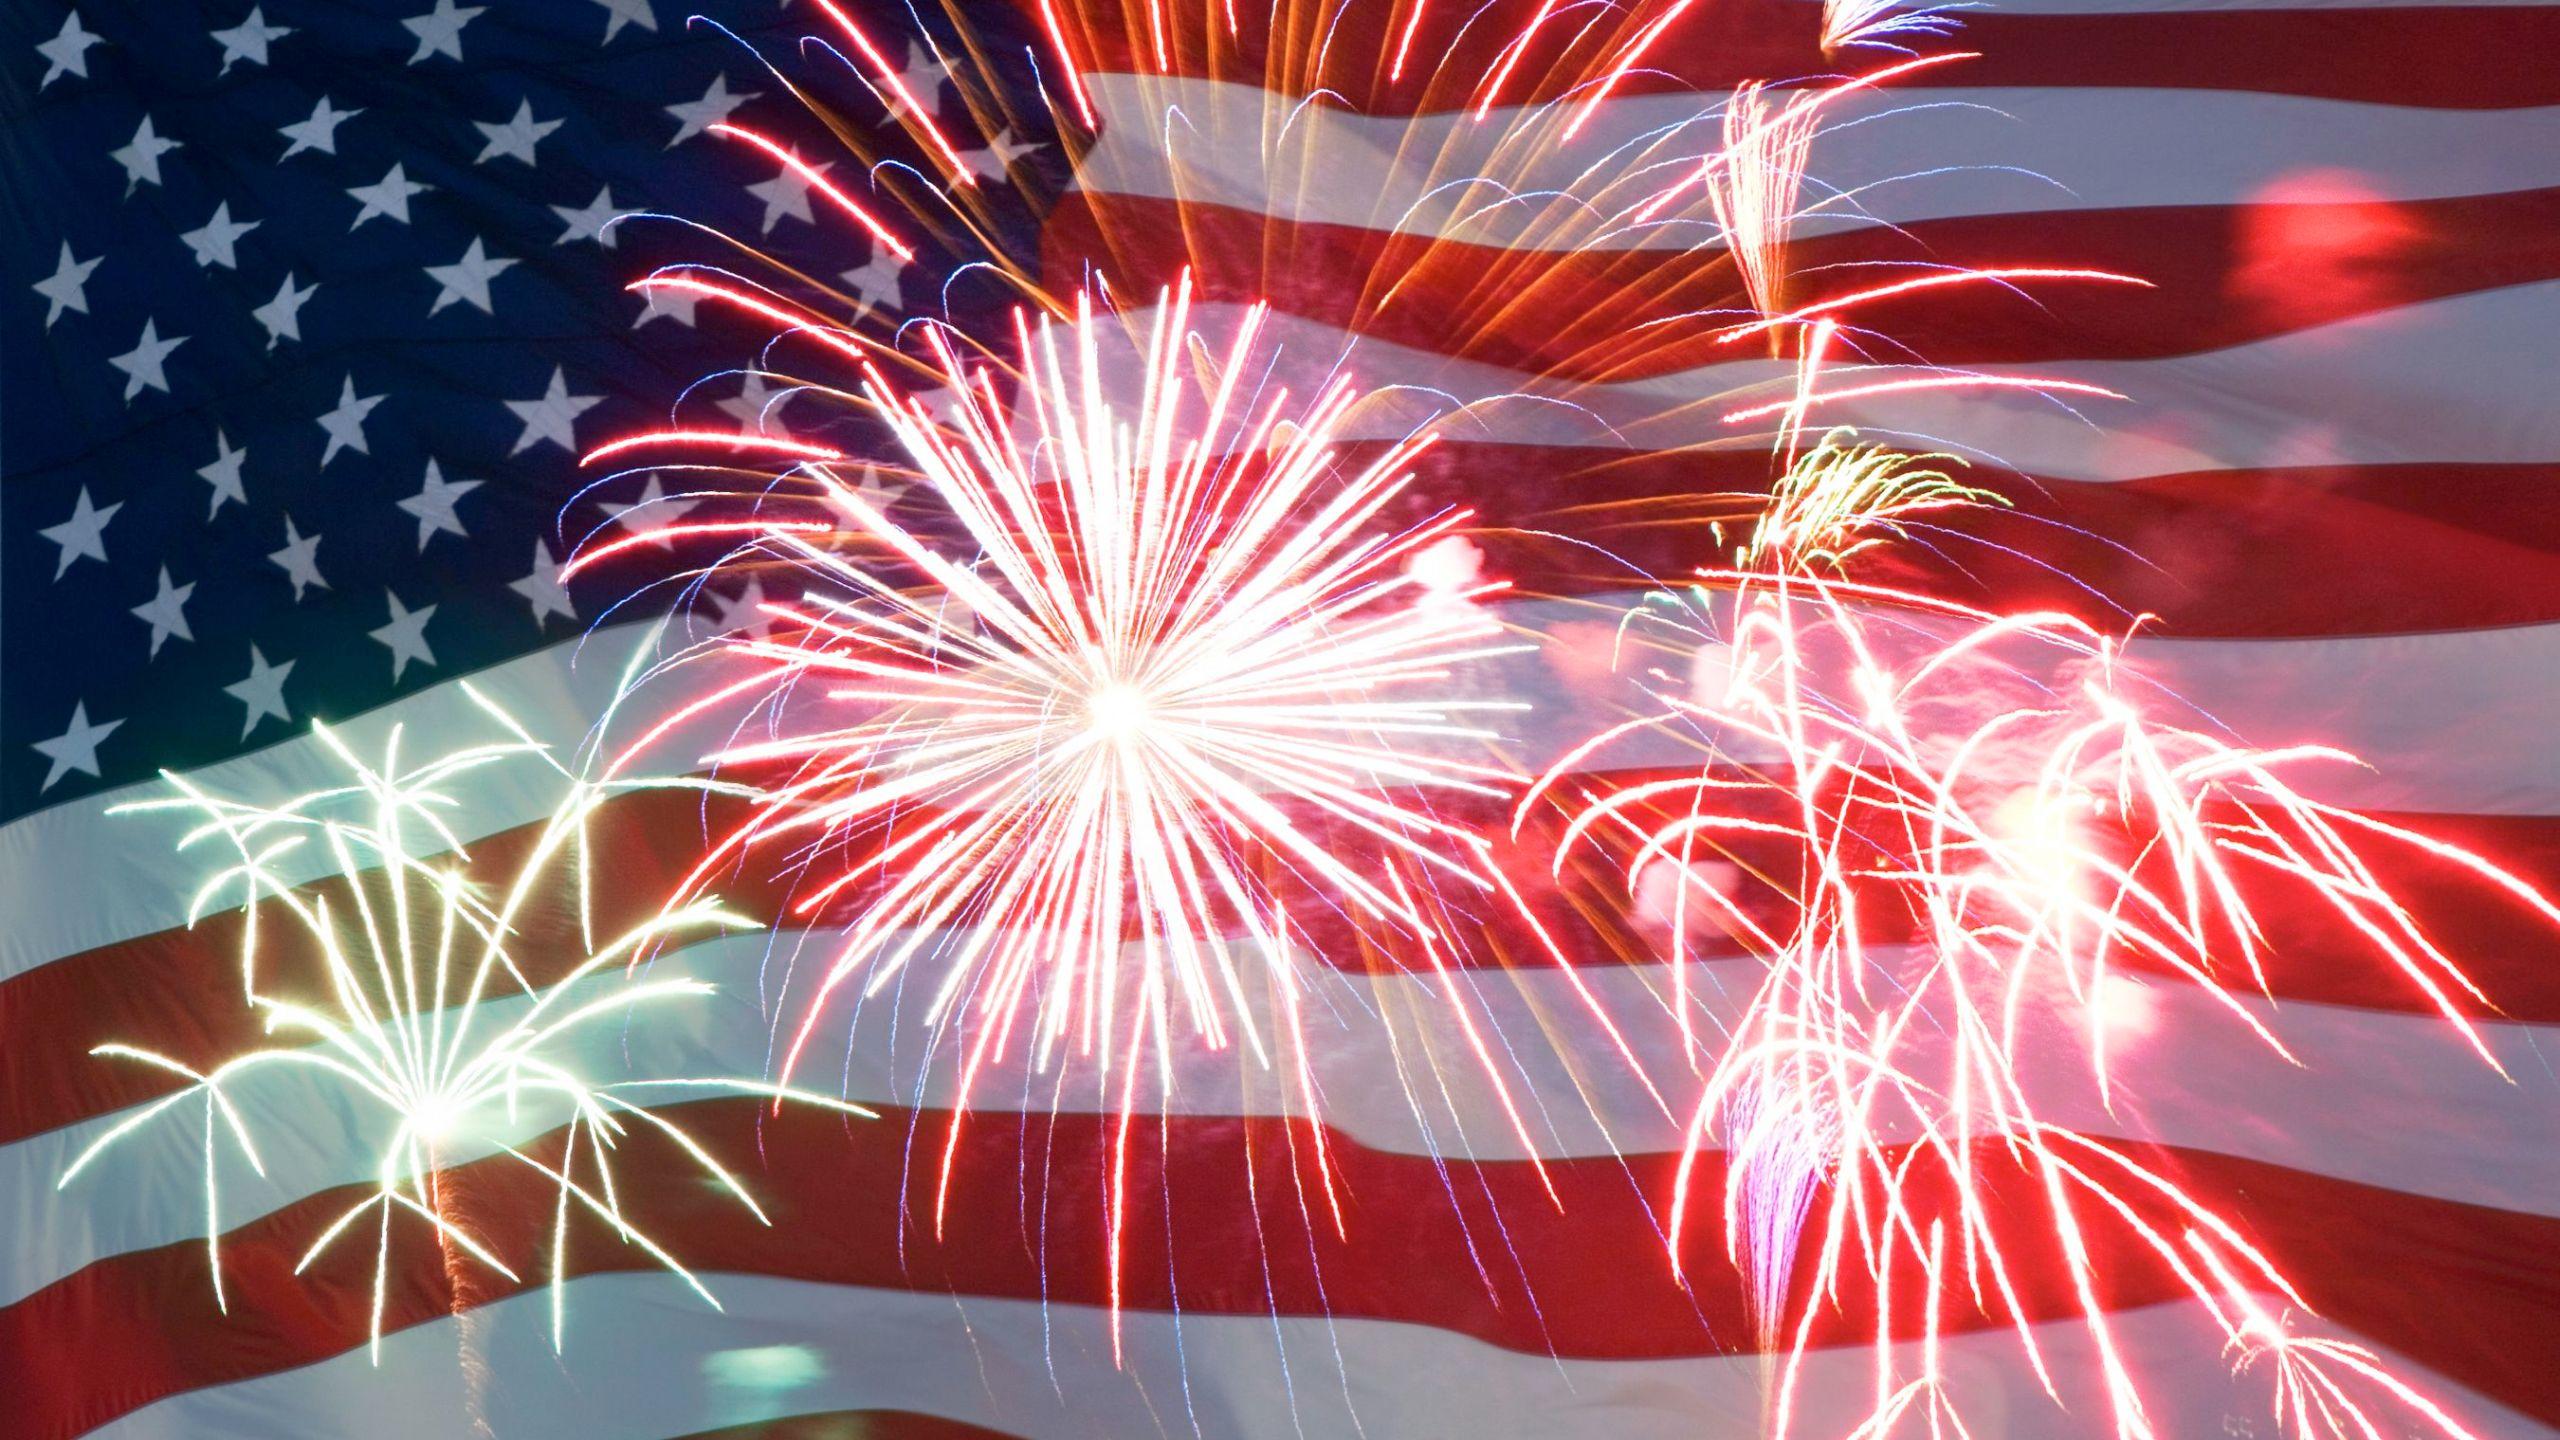 flag-fireworks1_268409